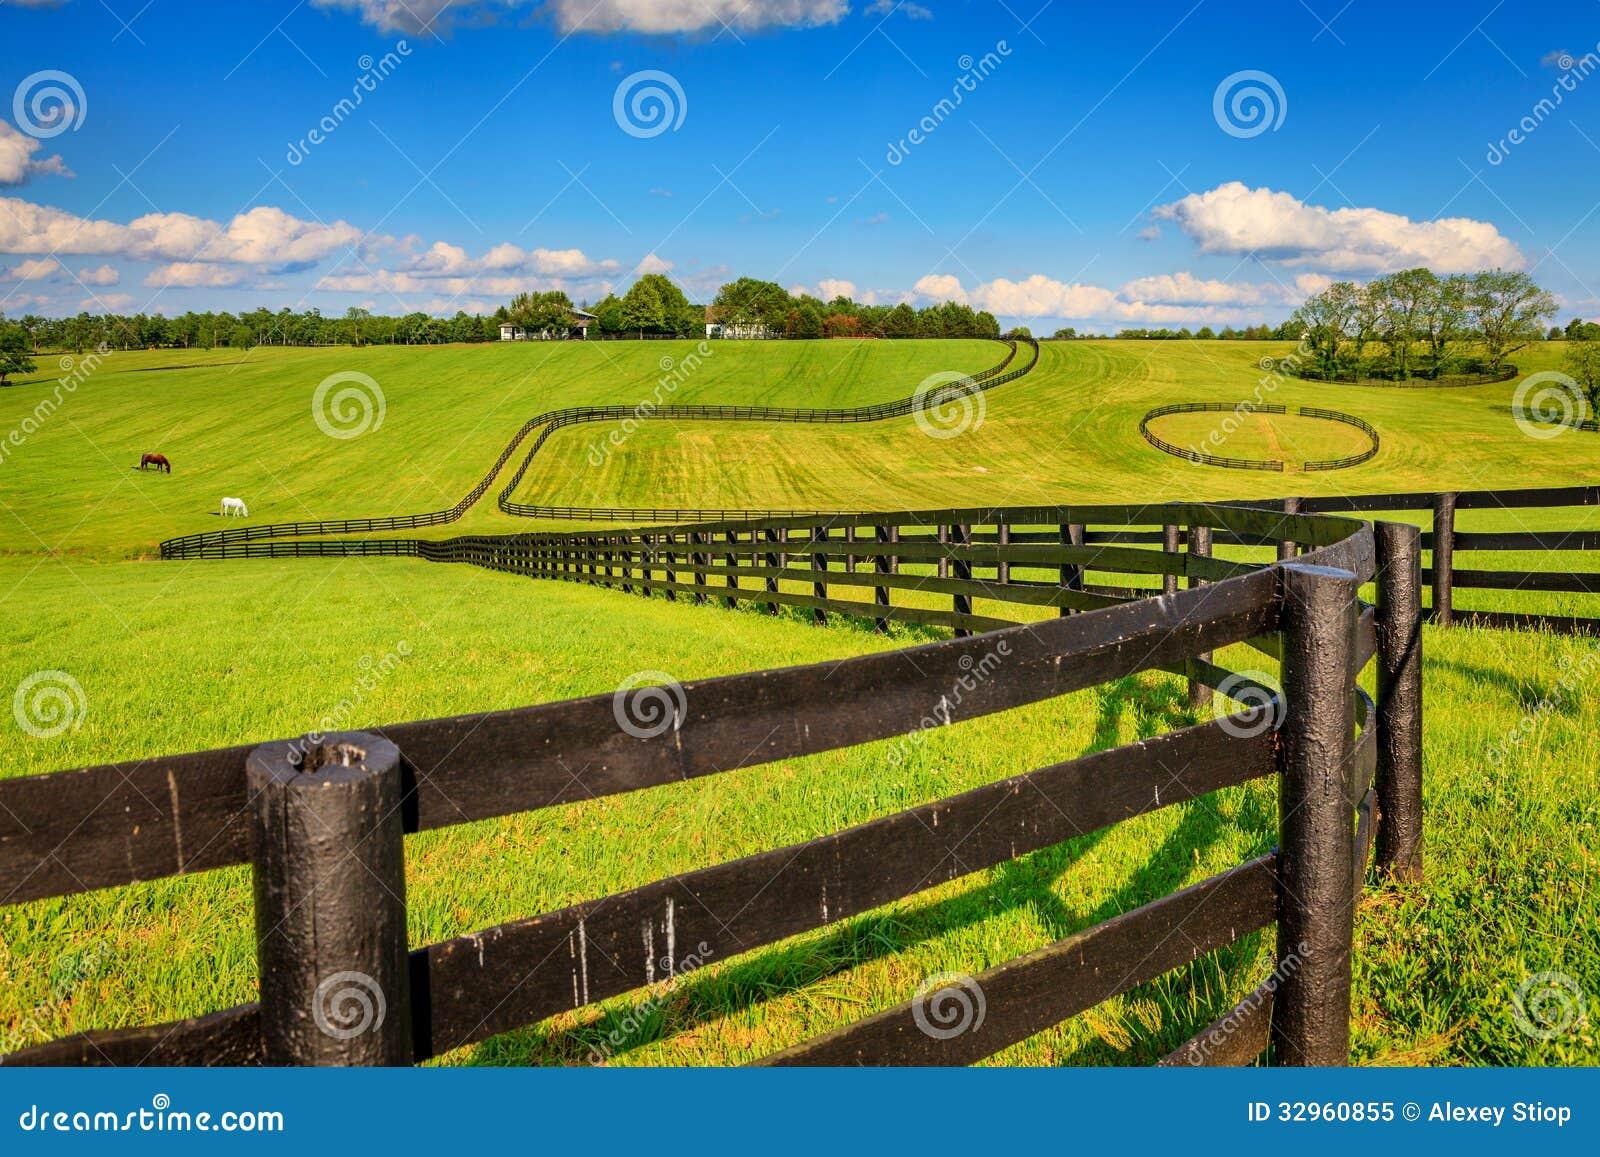 Barrières de ferme de cheval